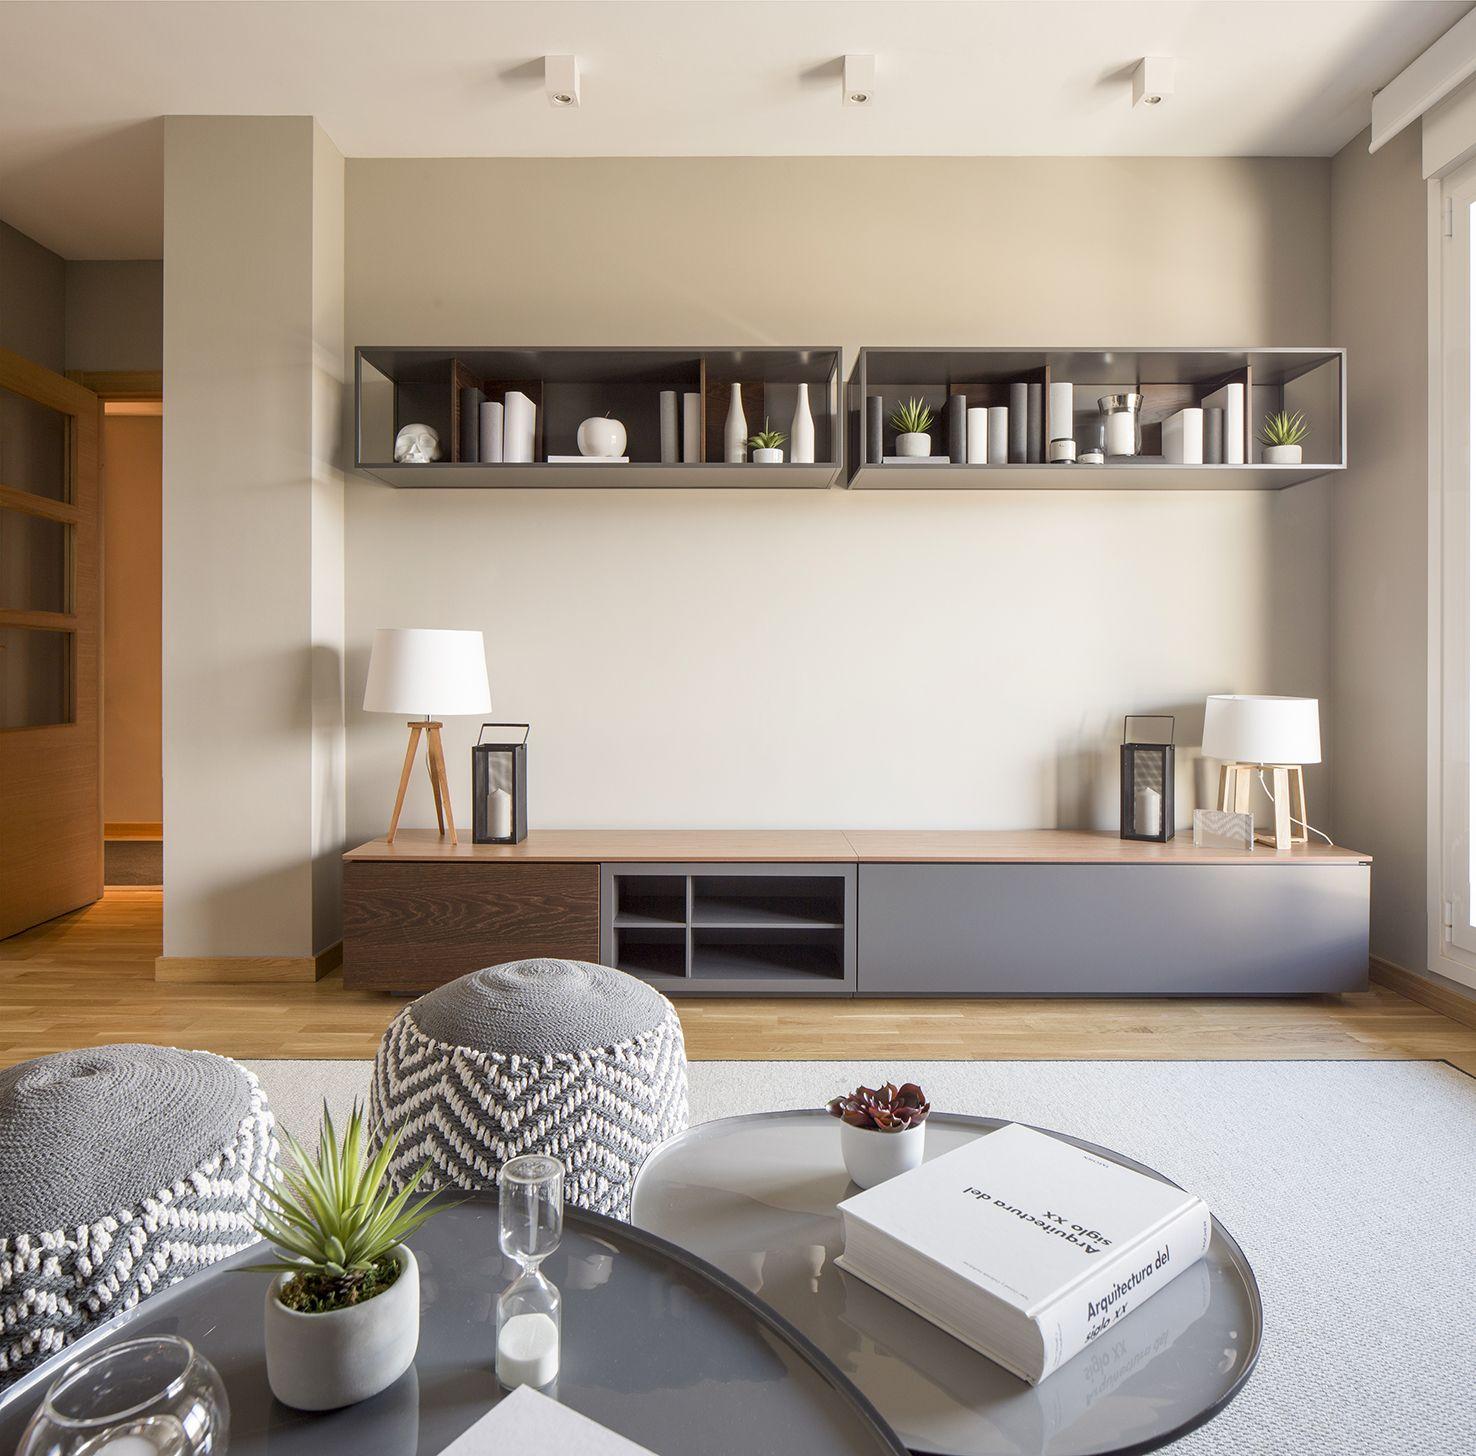 Detalle de vivienda de nueva construccin amueblado decorado e